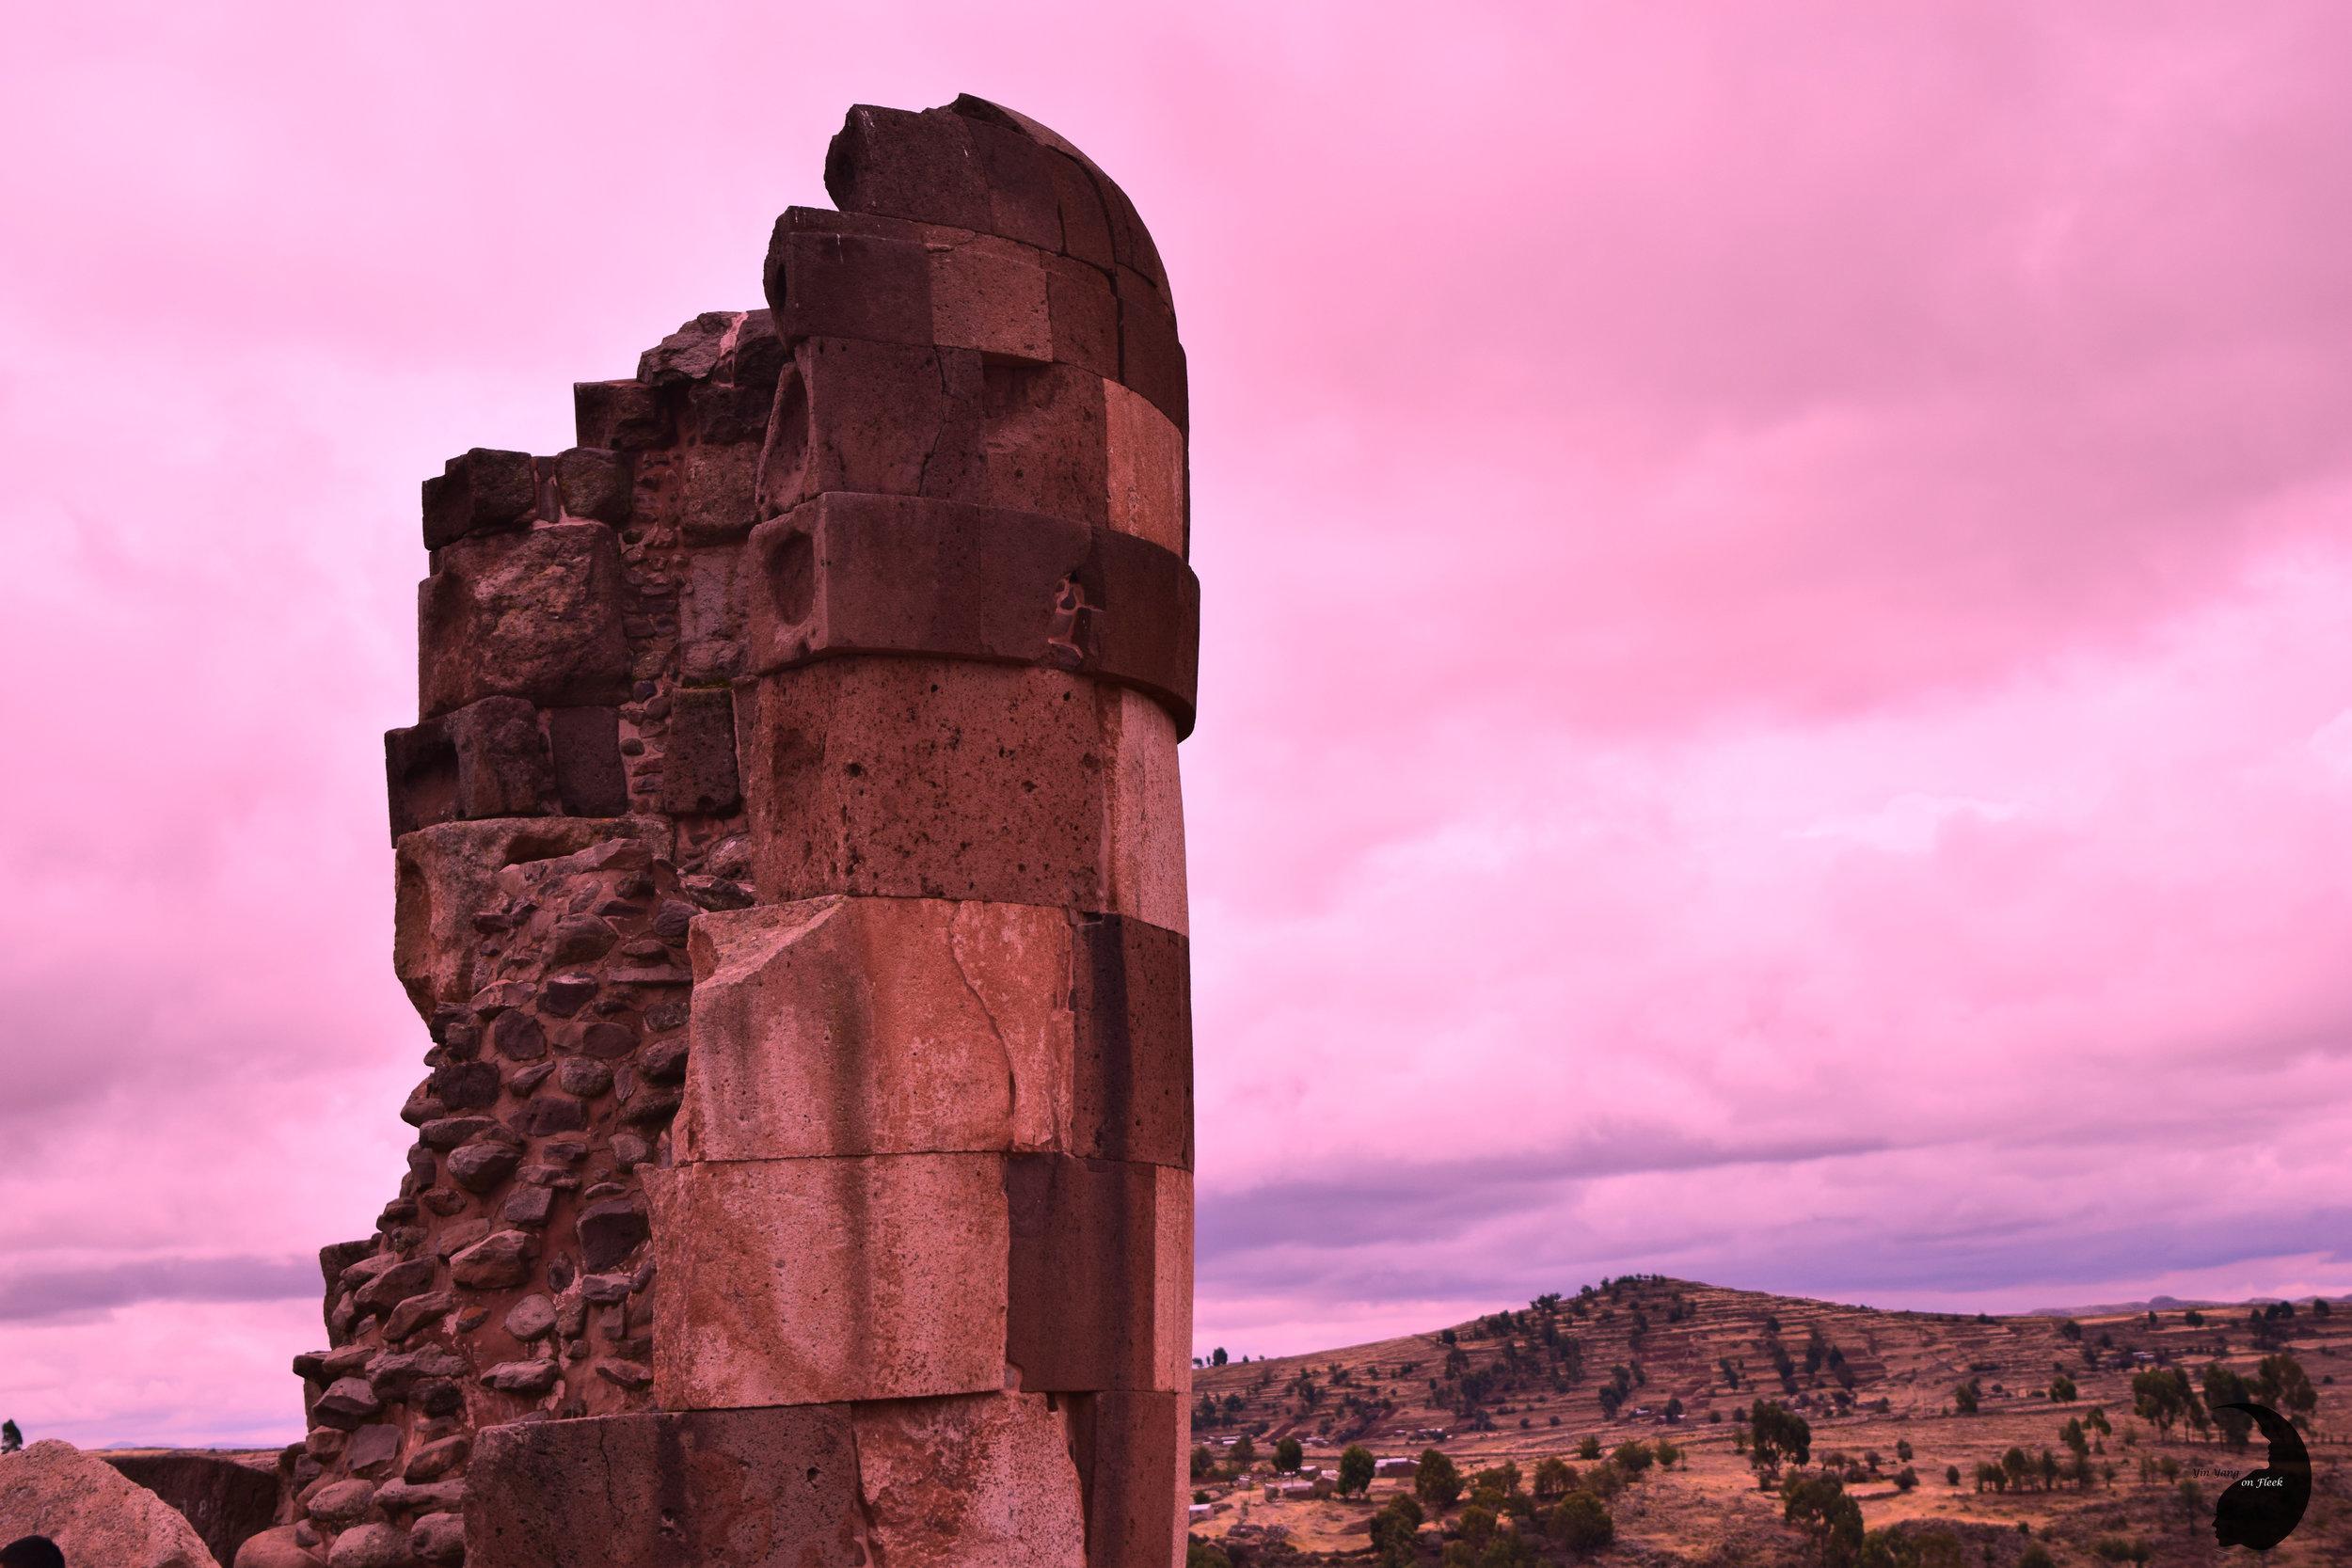 Sillustani Tomb